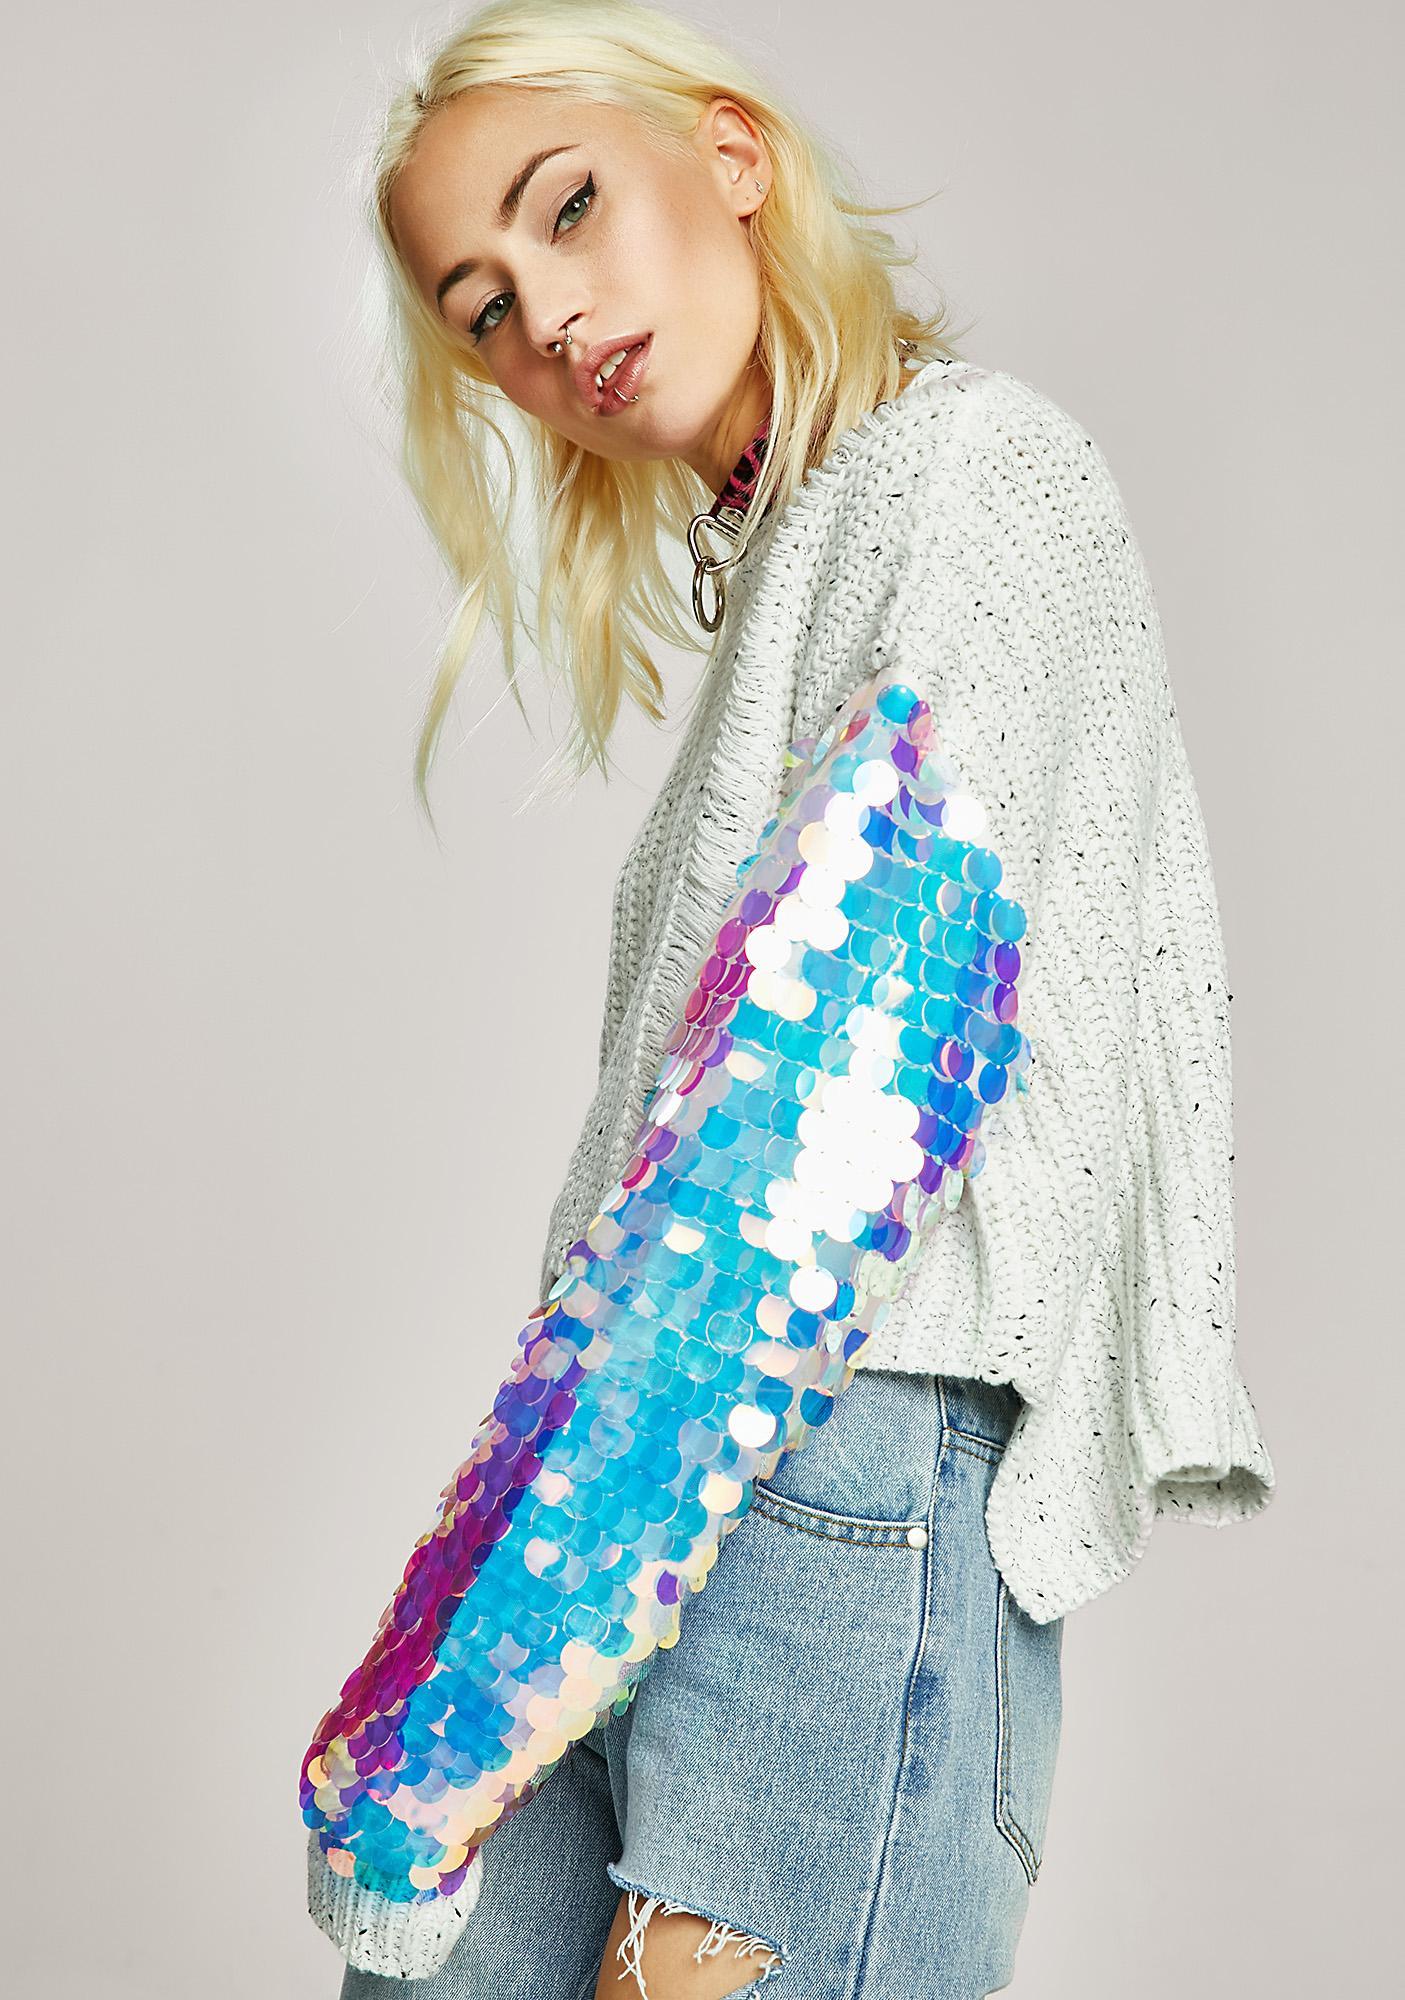 Sequin Distressed Knit Dweater | Dolls Kill